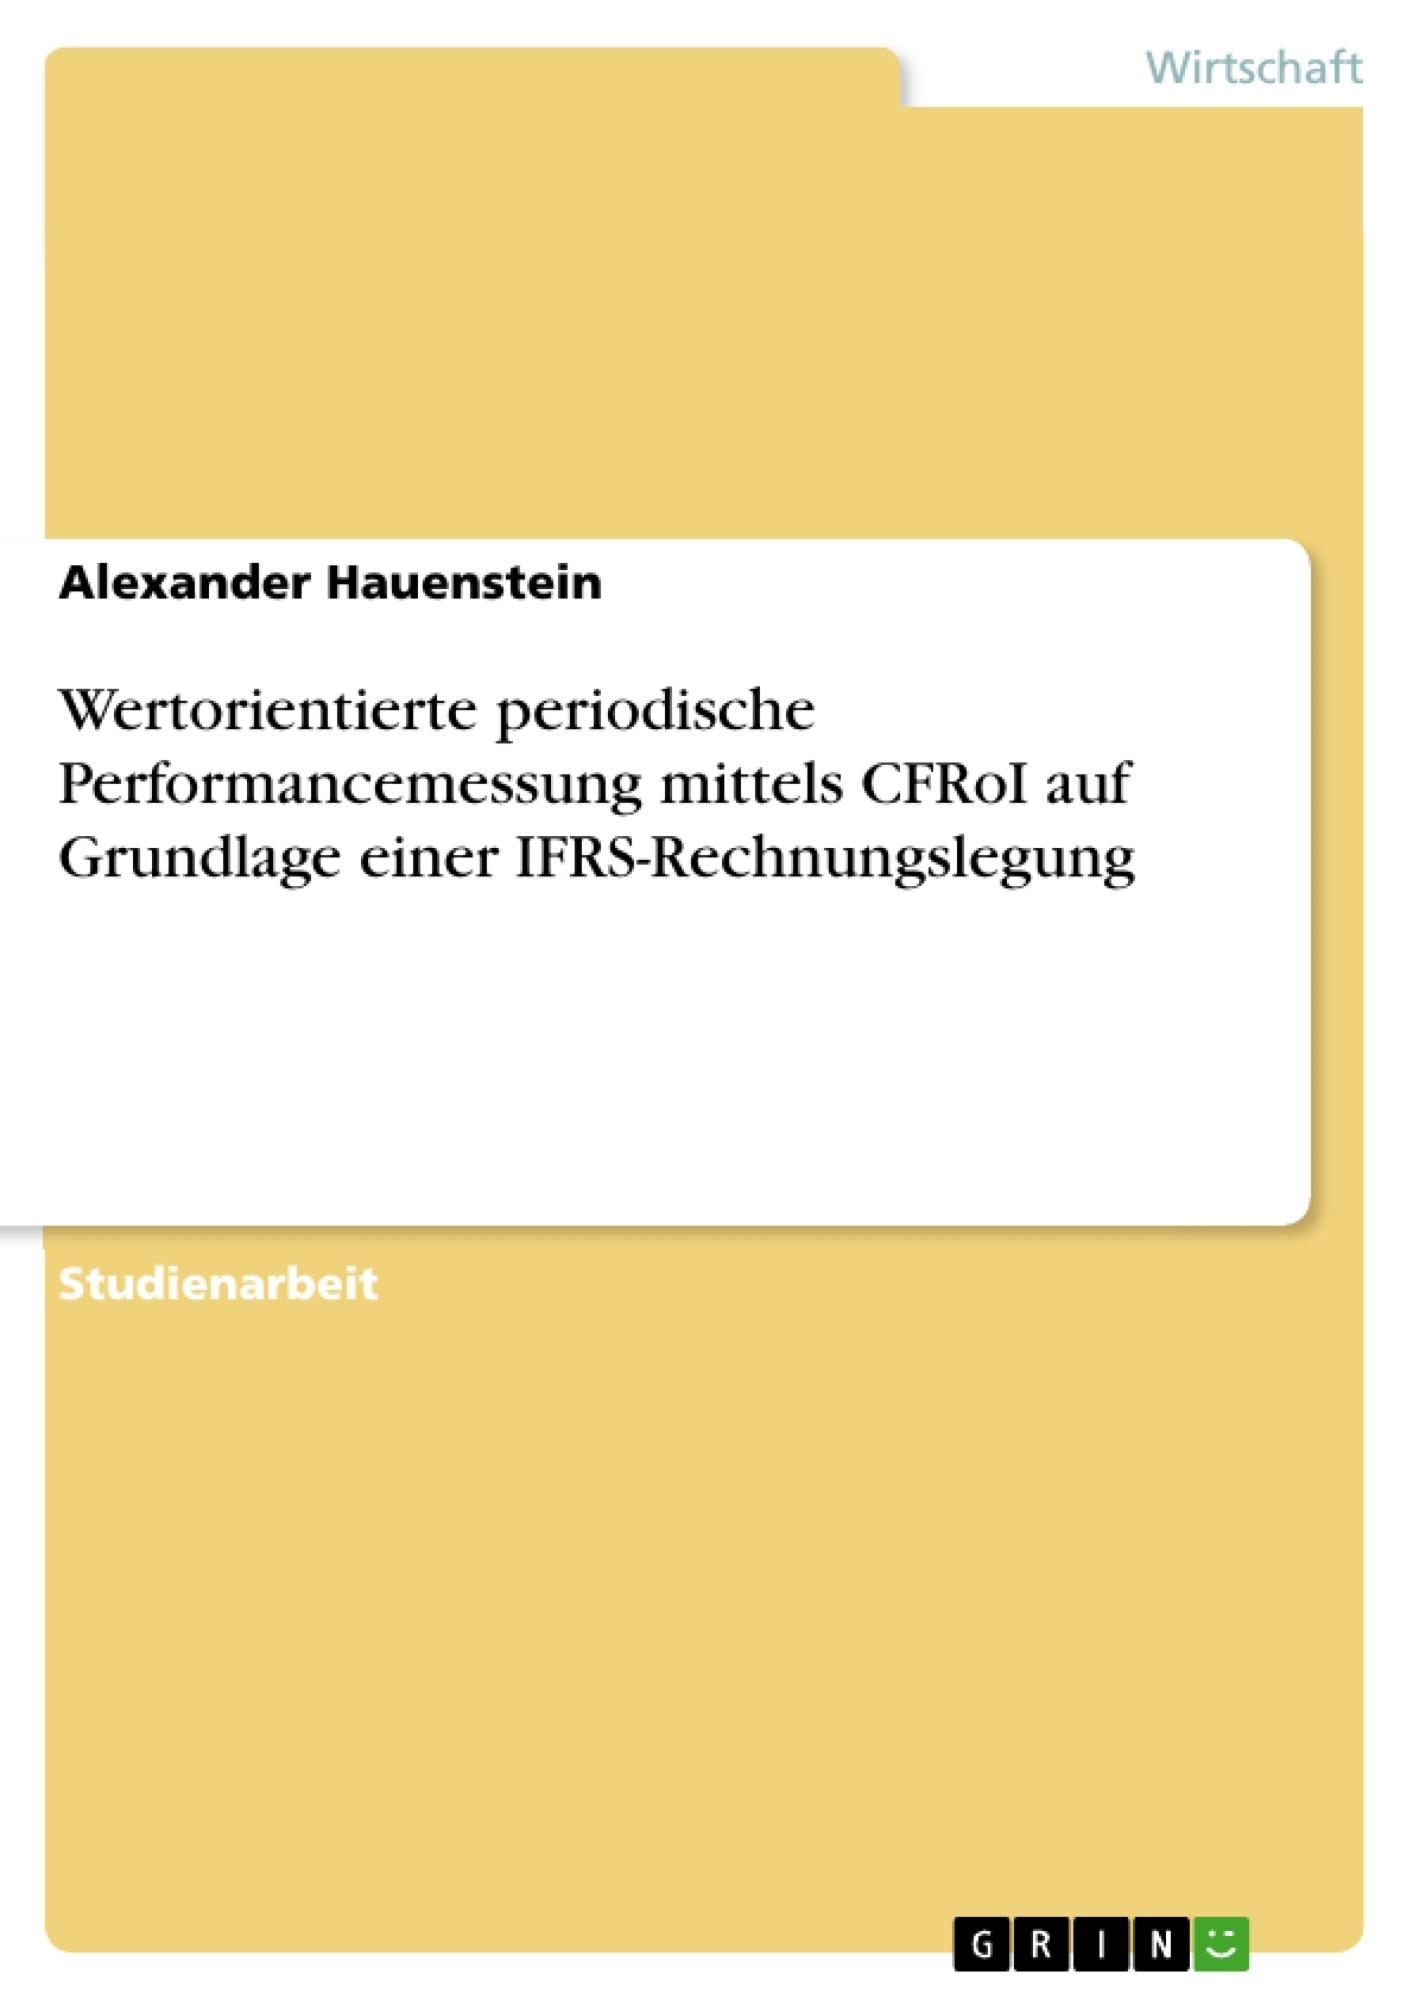 Titel: Wertorientierte periodische Performancemessung mittels CFRoI auf Grundlage einer IFRS-Rechnungslegung